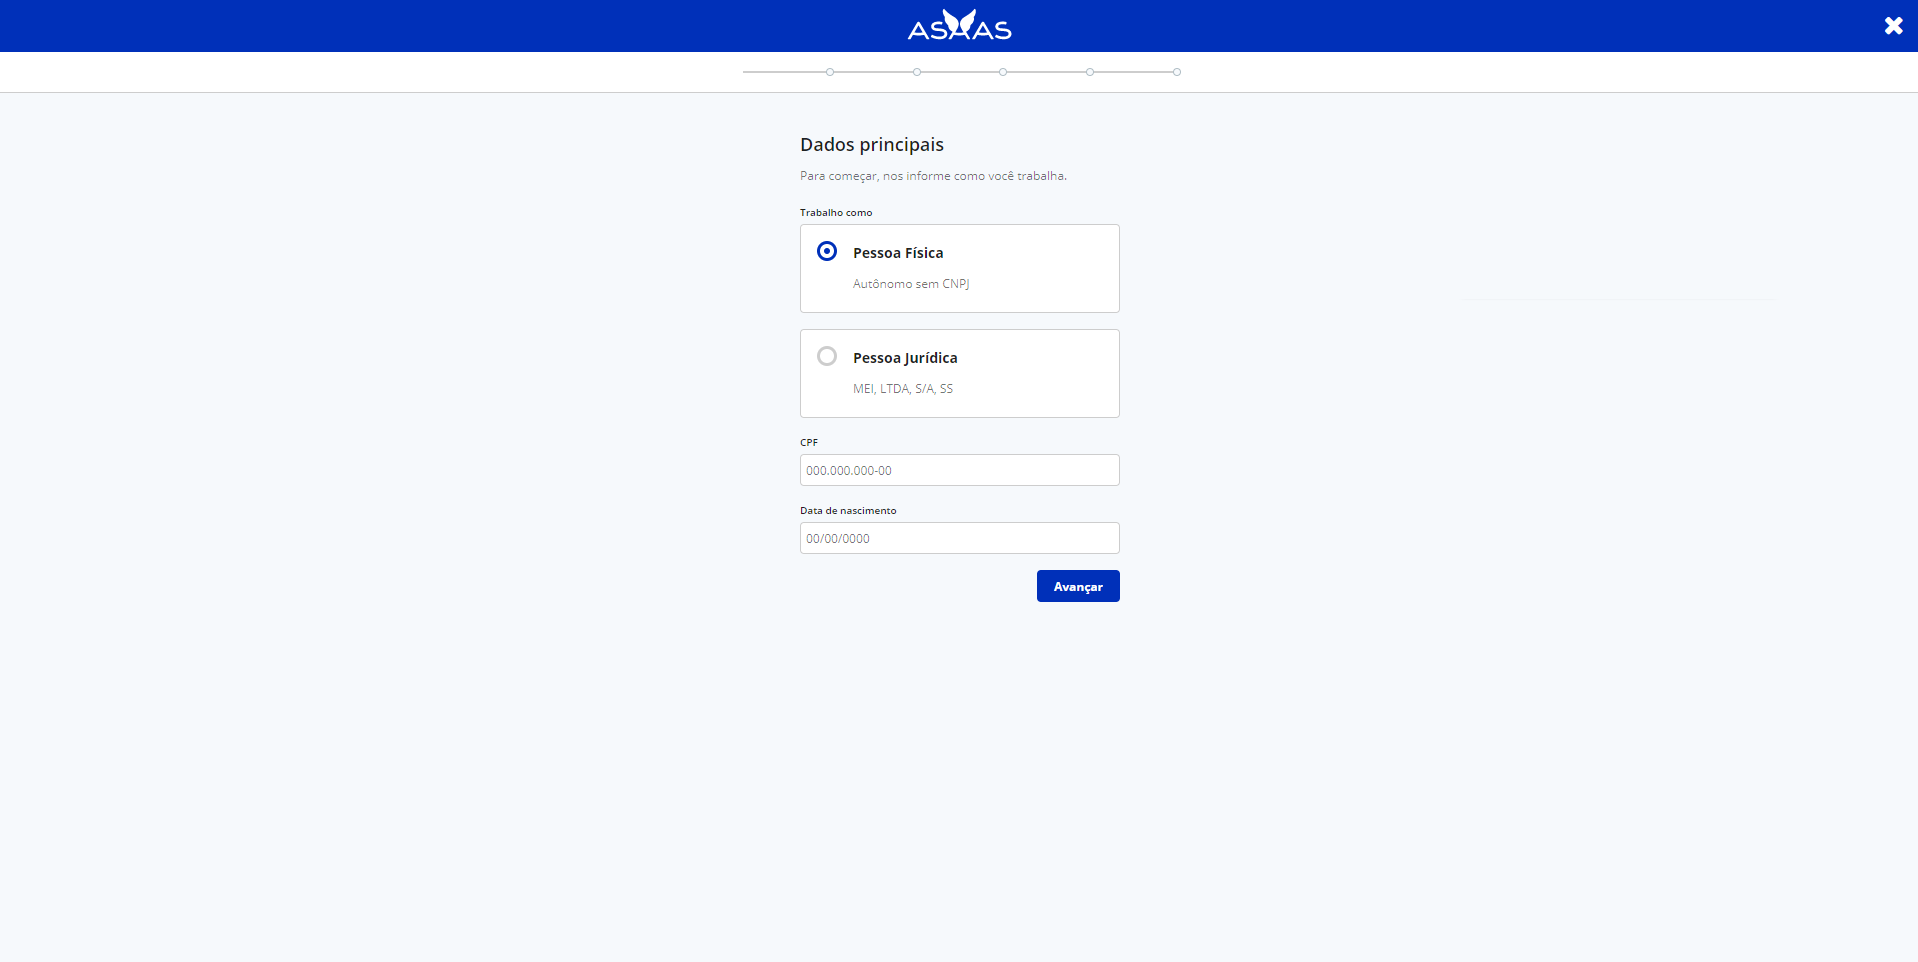 Tela do site Asaas, com barra superior azul com a logo do Asaas em branco. No centro da tela, há um formulário que pede o preenchimento de informações como: saber se a pessoa trabalha como MEI, Pessoa Física ou com CNPJ; data de nascimento.